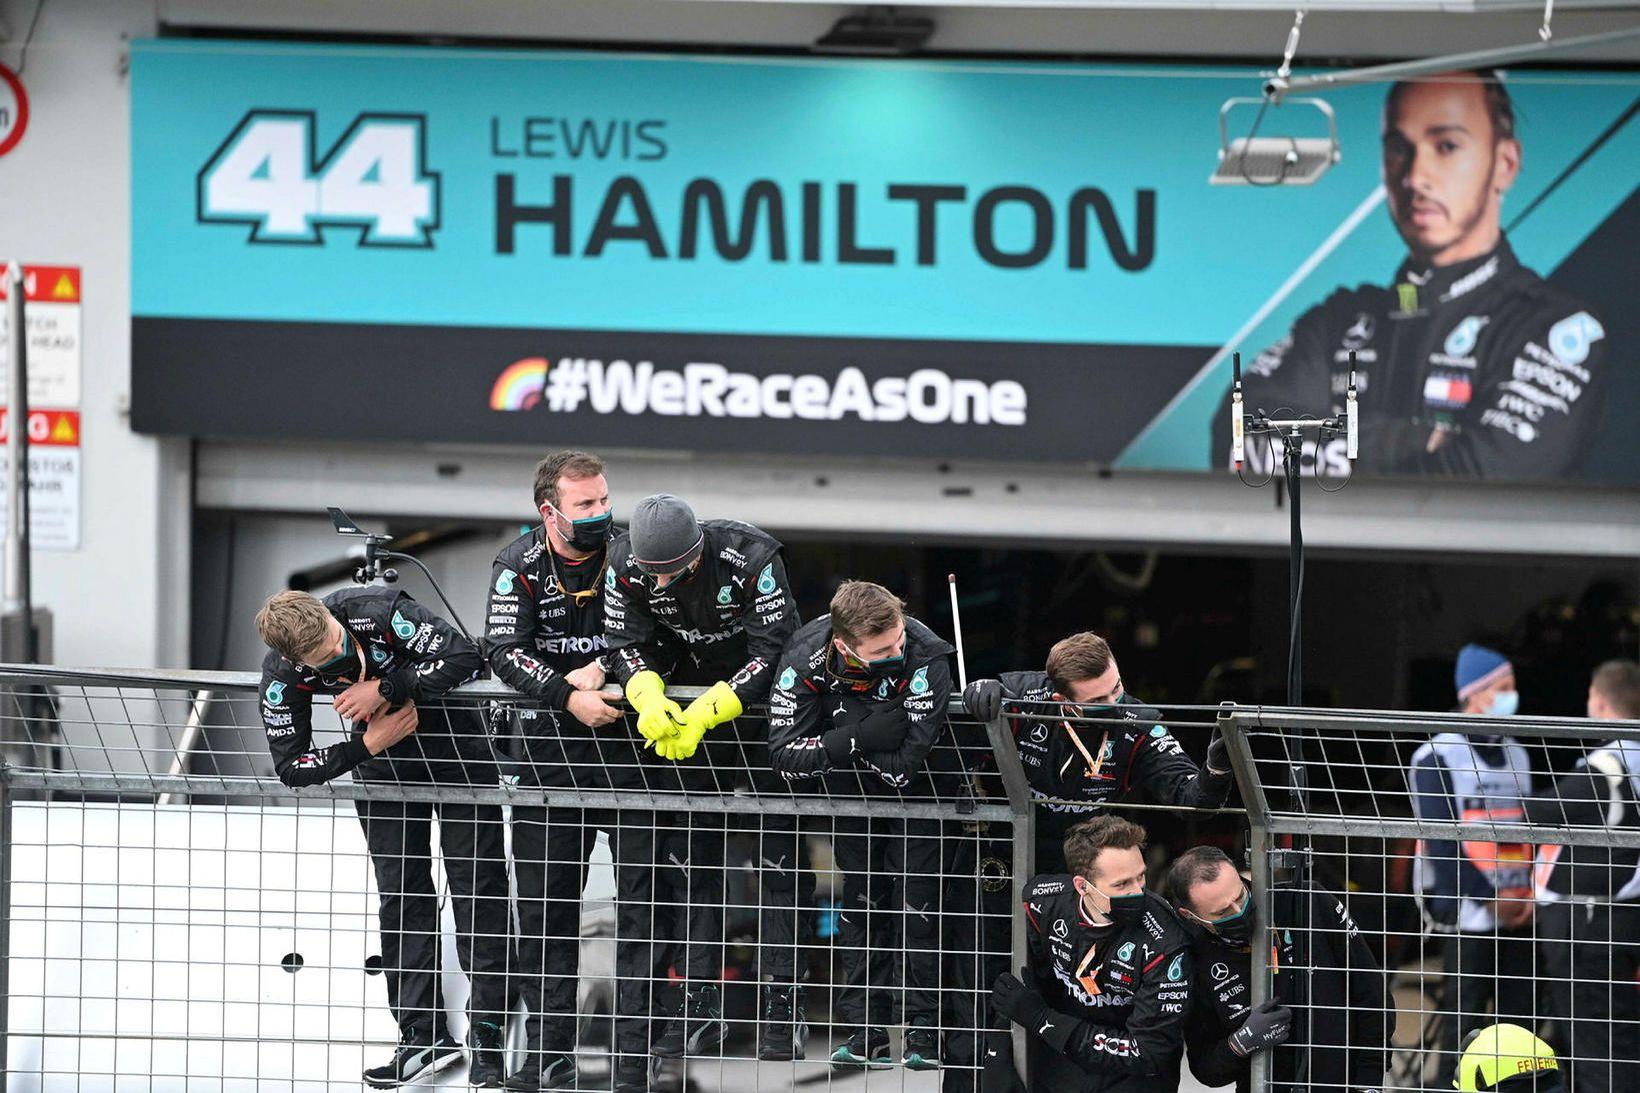 Liðsmenn Lewis Hamilton fagna honum komandi í mark í Nürbrurgring …